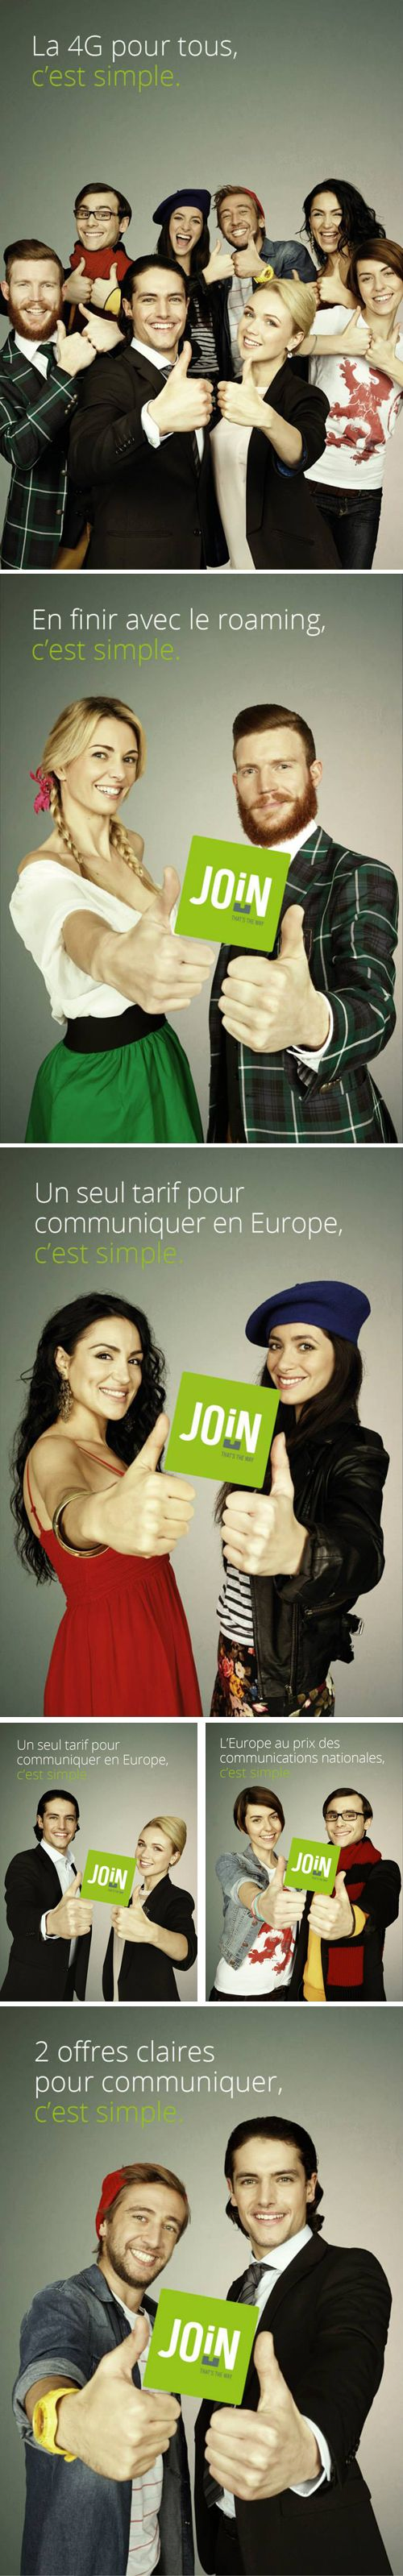 Annonceur : Join Experience Campagne : campagne de lancement / Presse Agence : Vous Publication : janvier 2014